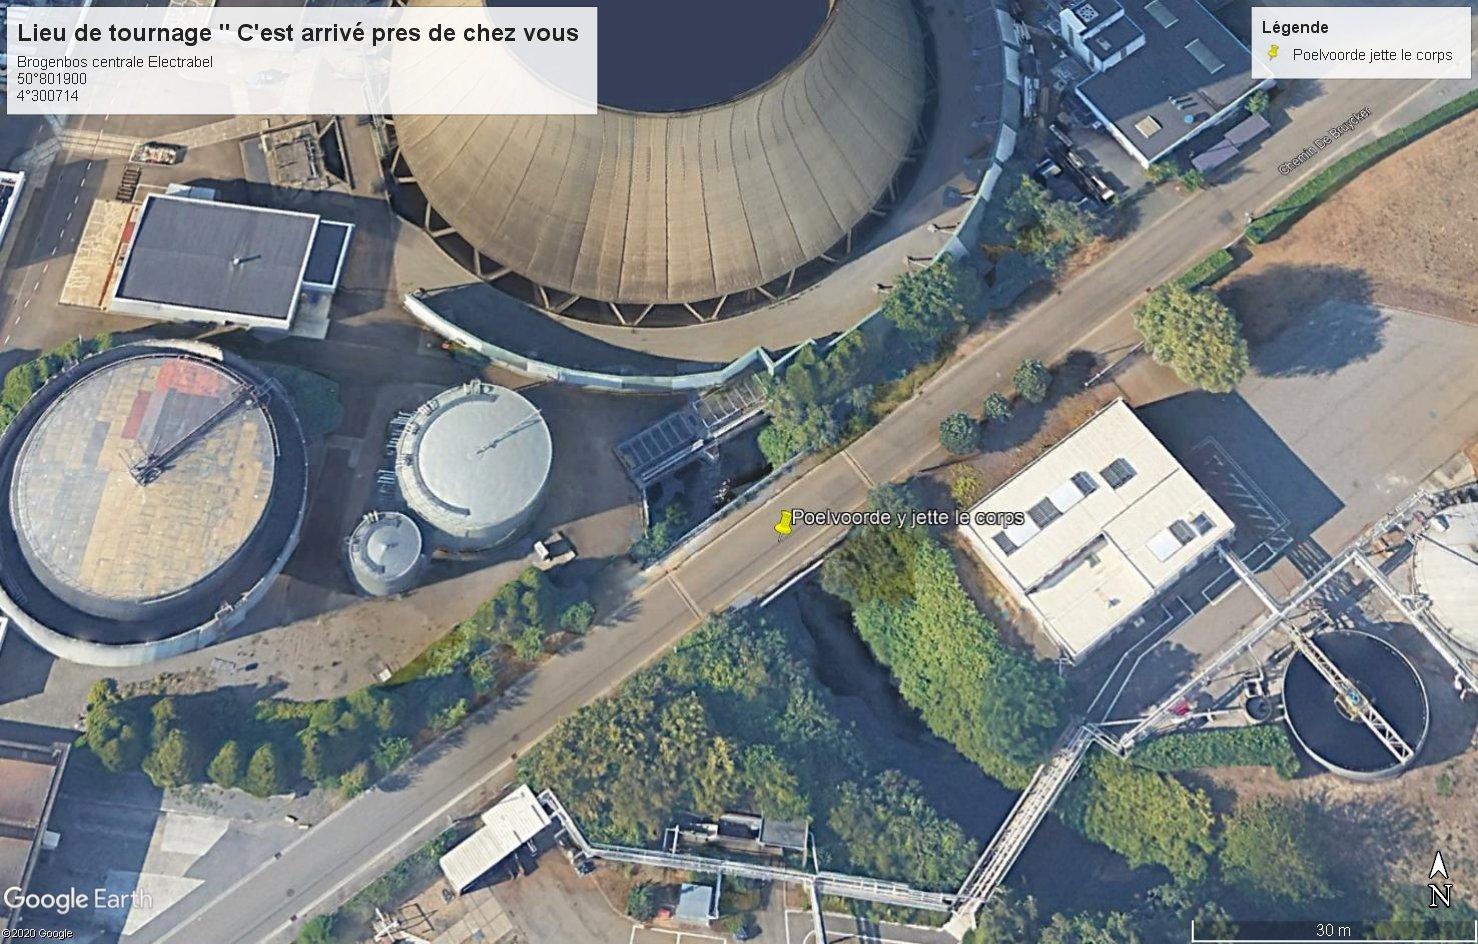 Lieux de tournage de vidéo-clip découverts avec Google Earth - Page 6 201007014628650691